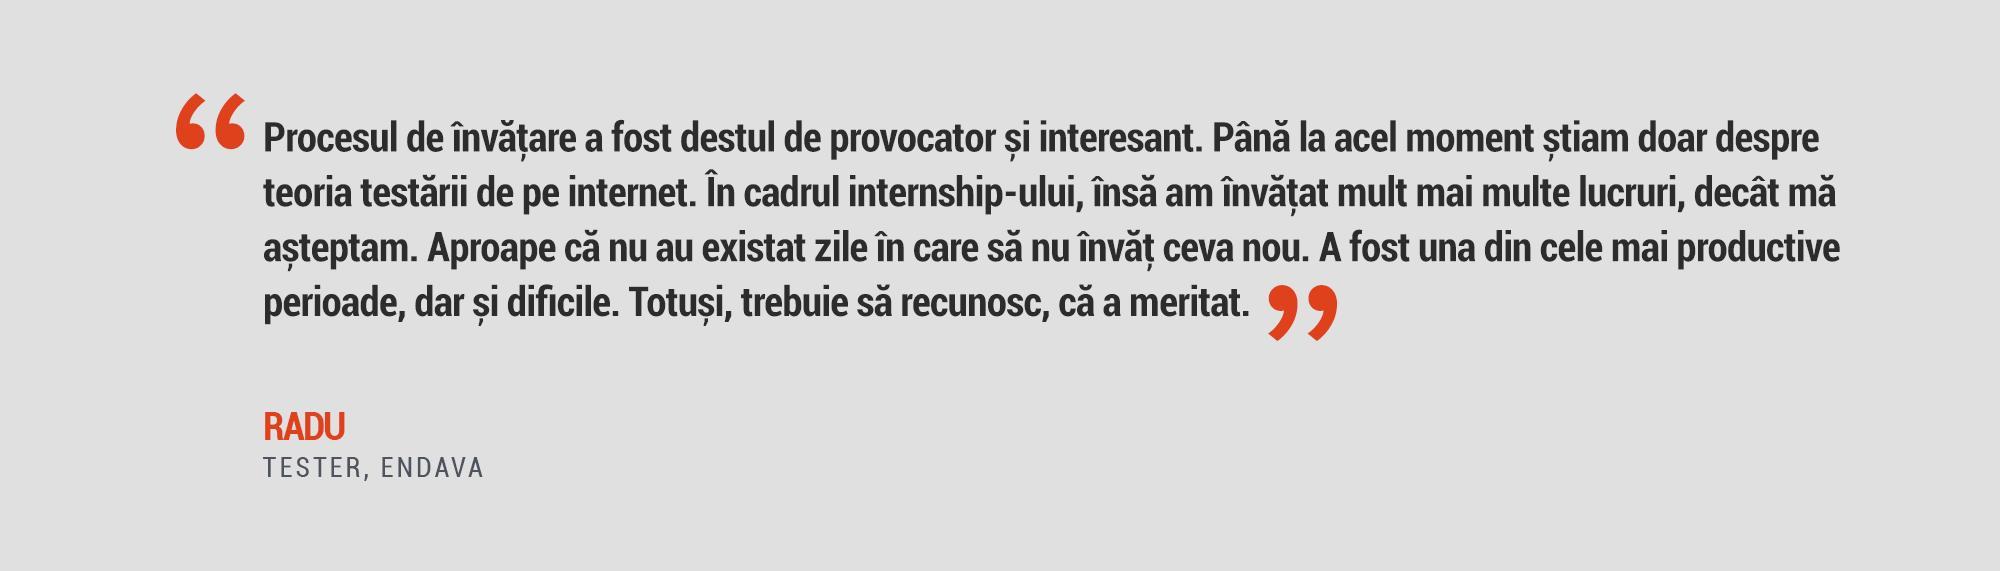 Radu Rosca Quote